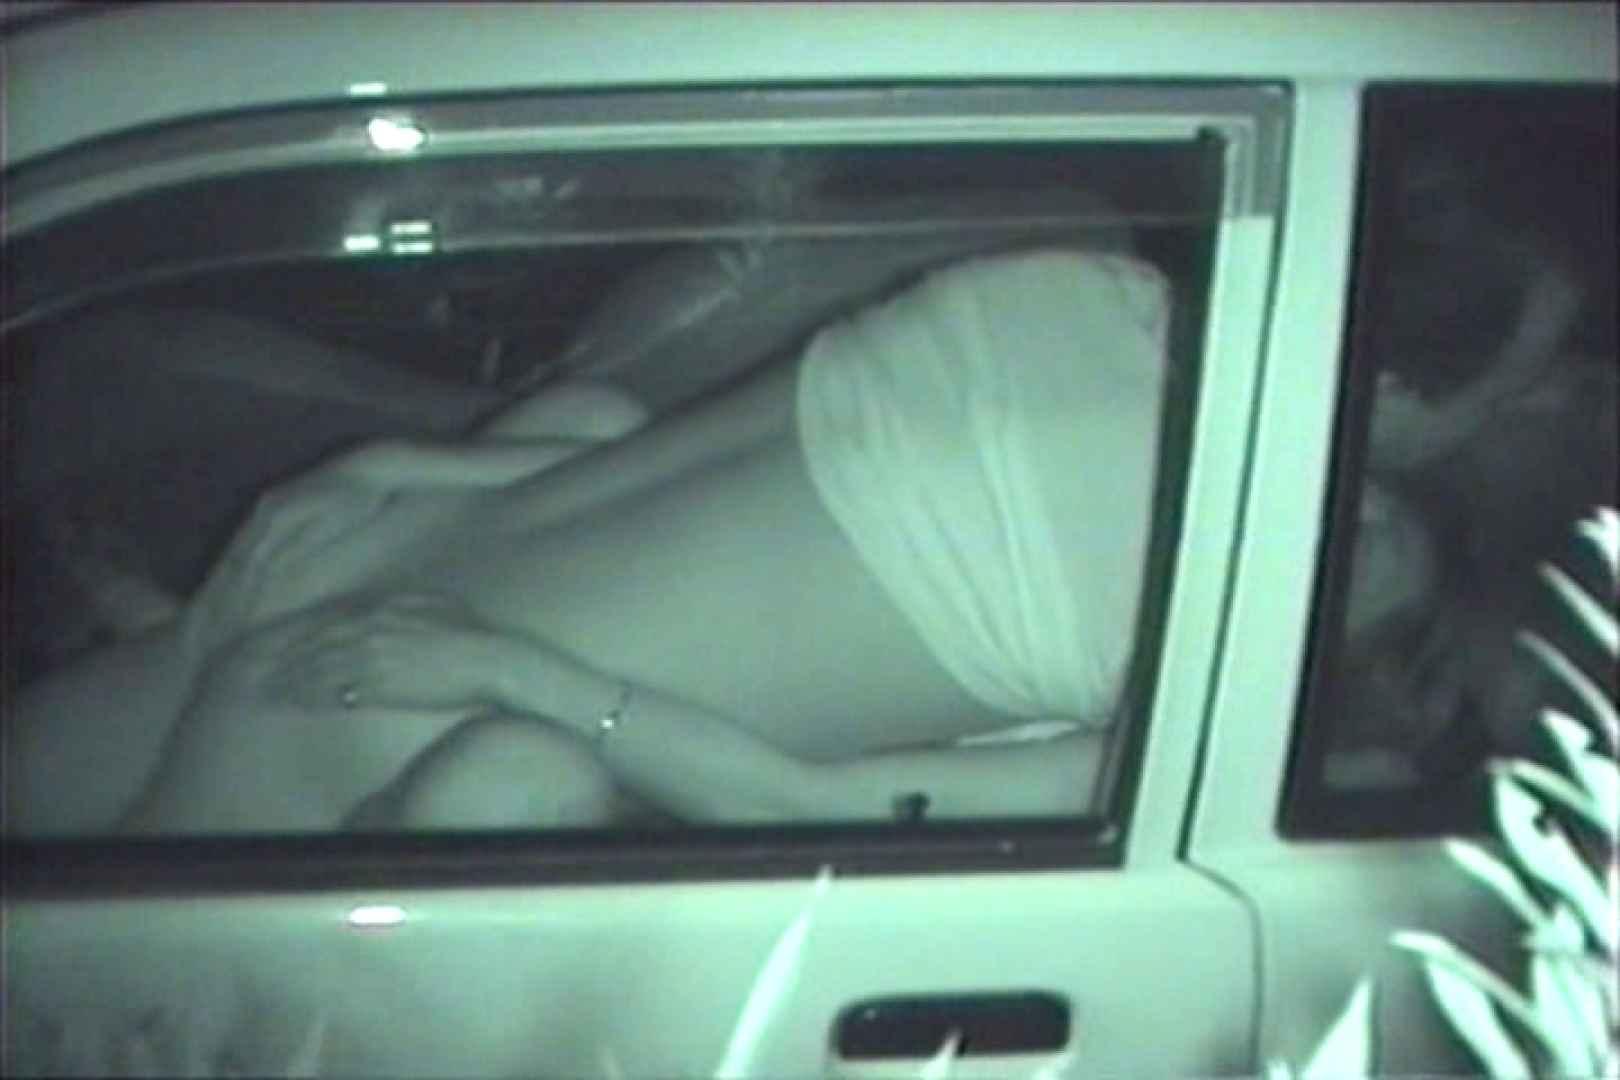 車の中はラブホテル 無修正版  Vol.18 ラブホテル隠し撮り  100pic 7